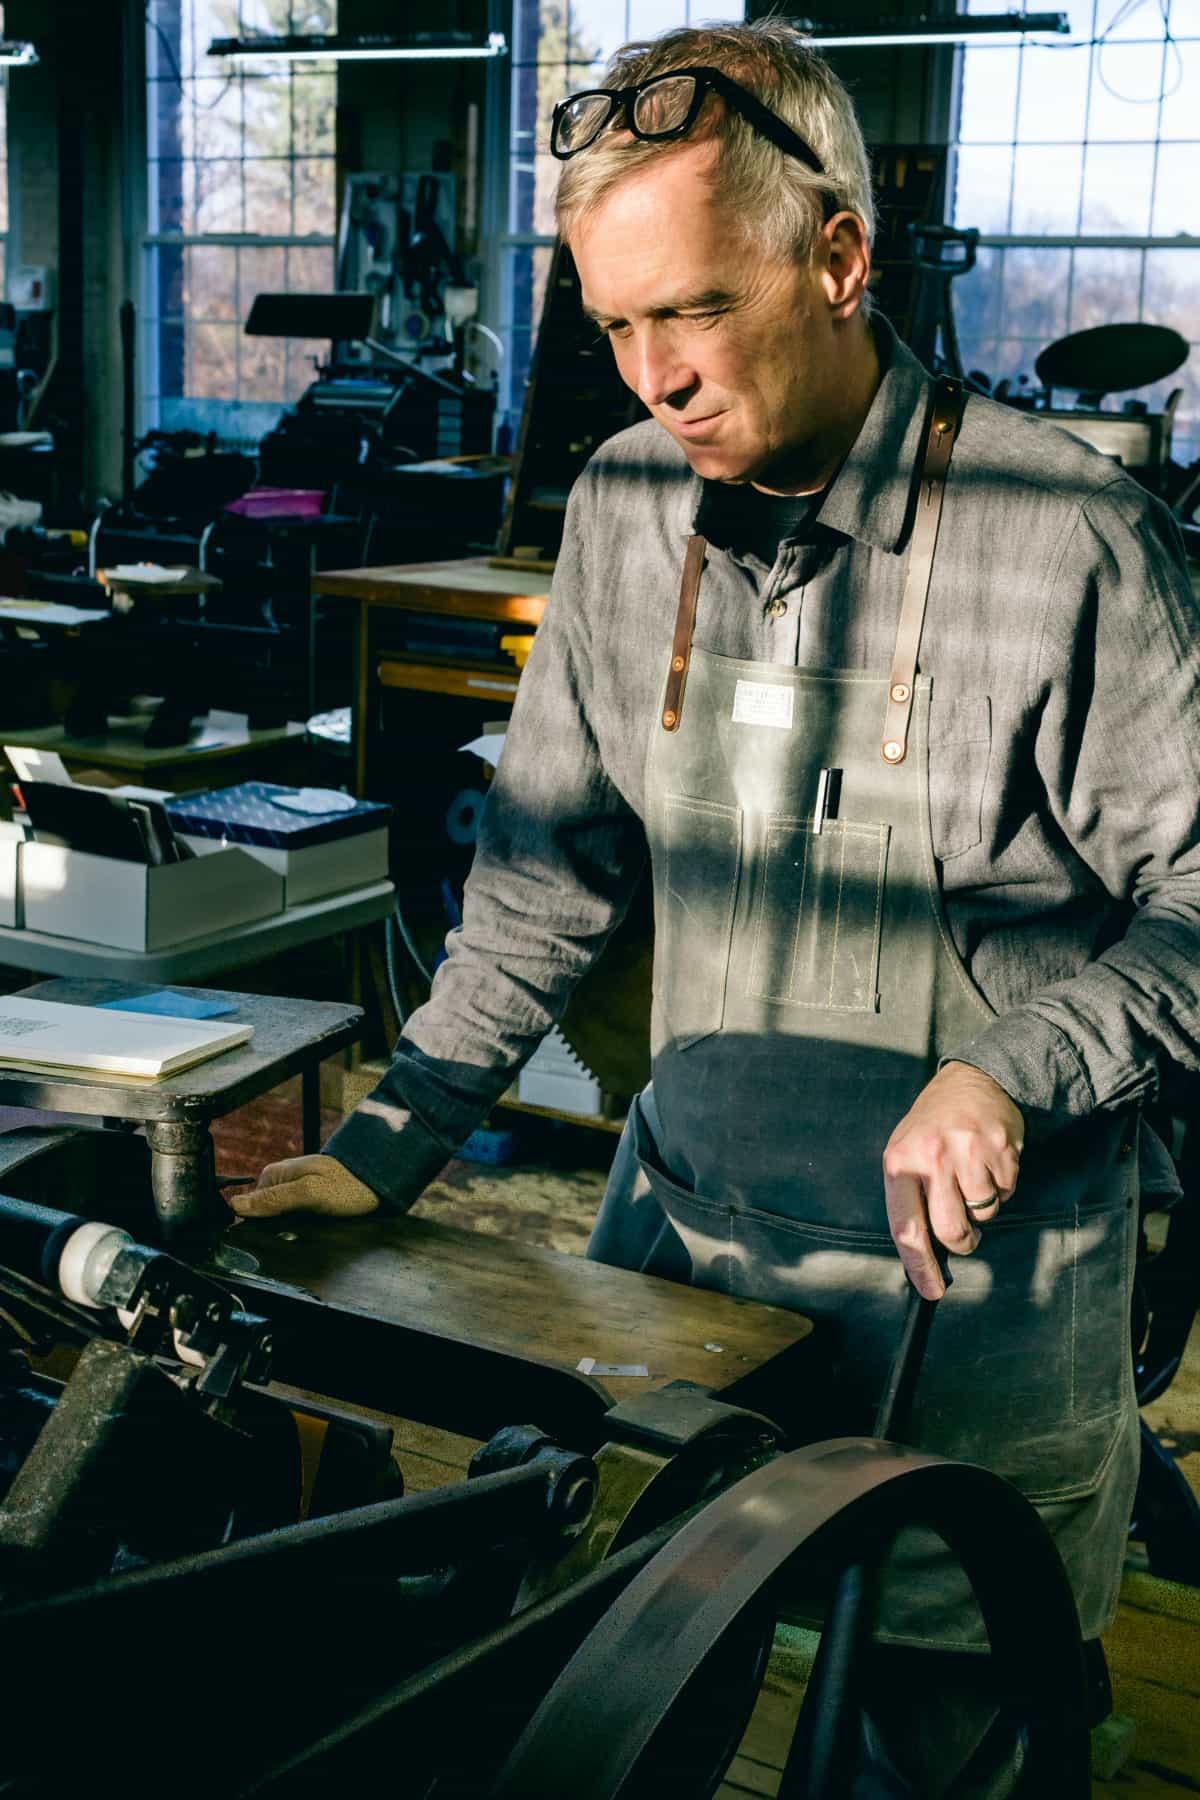 Bill Muller, Big Wheel Press